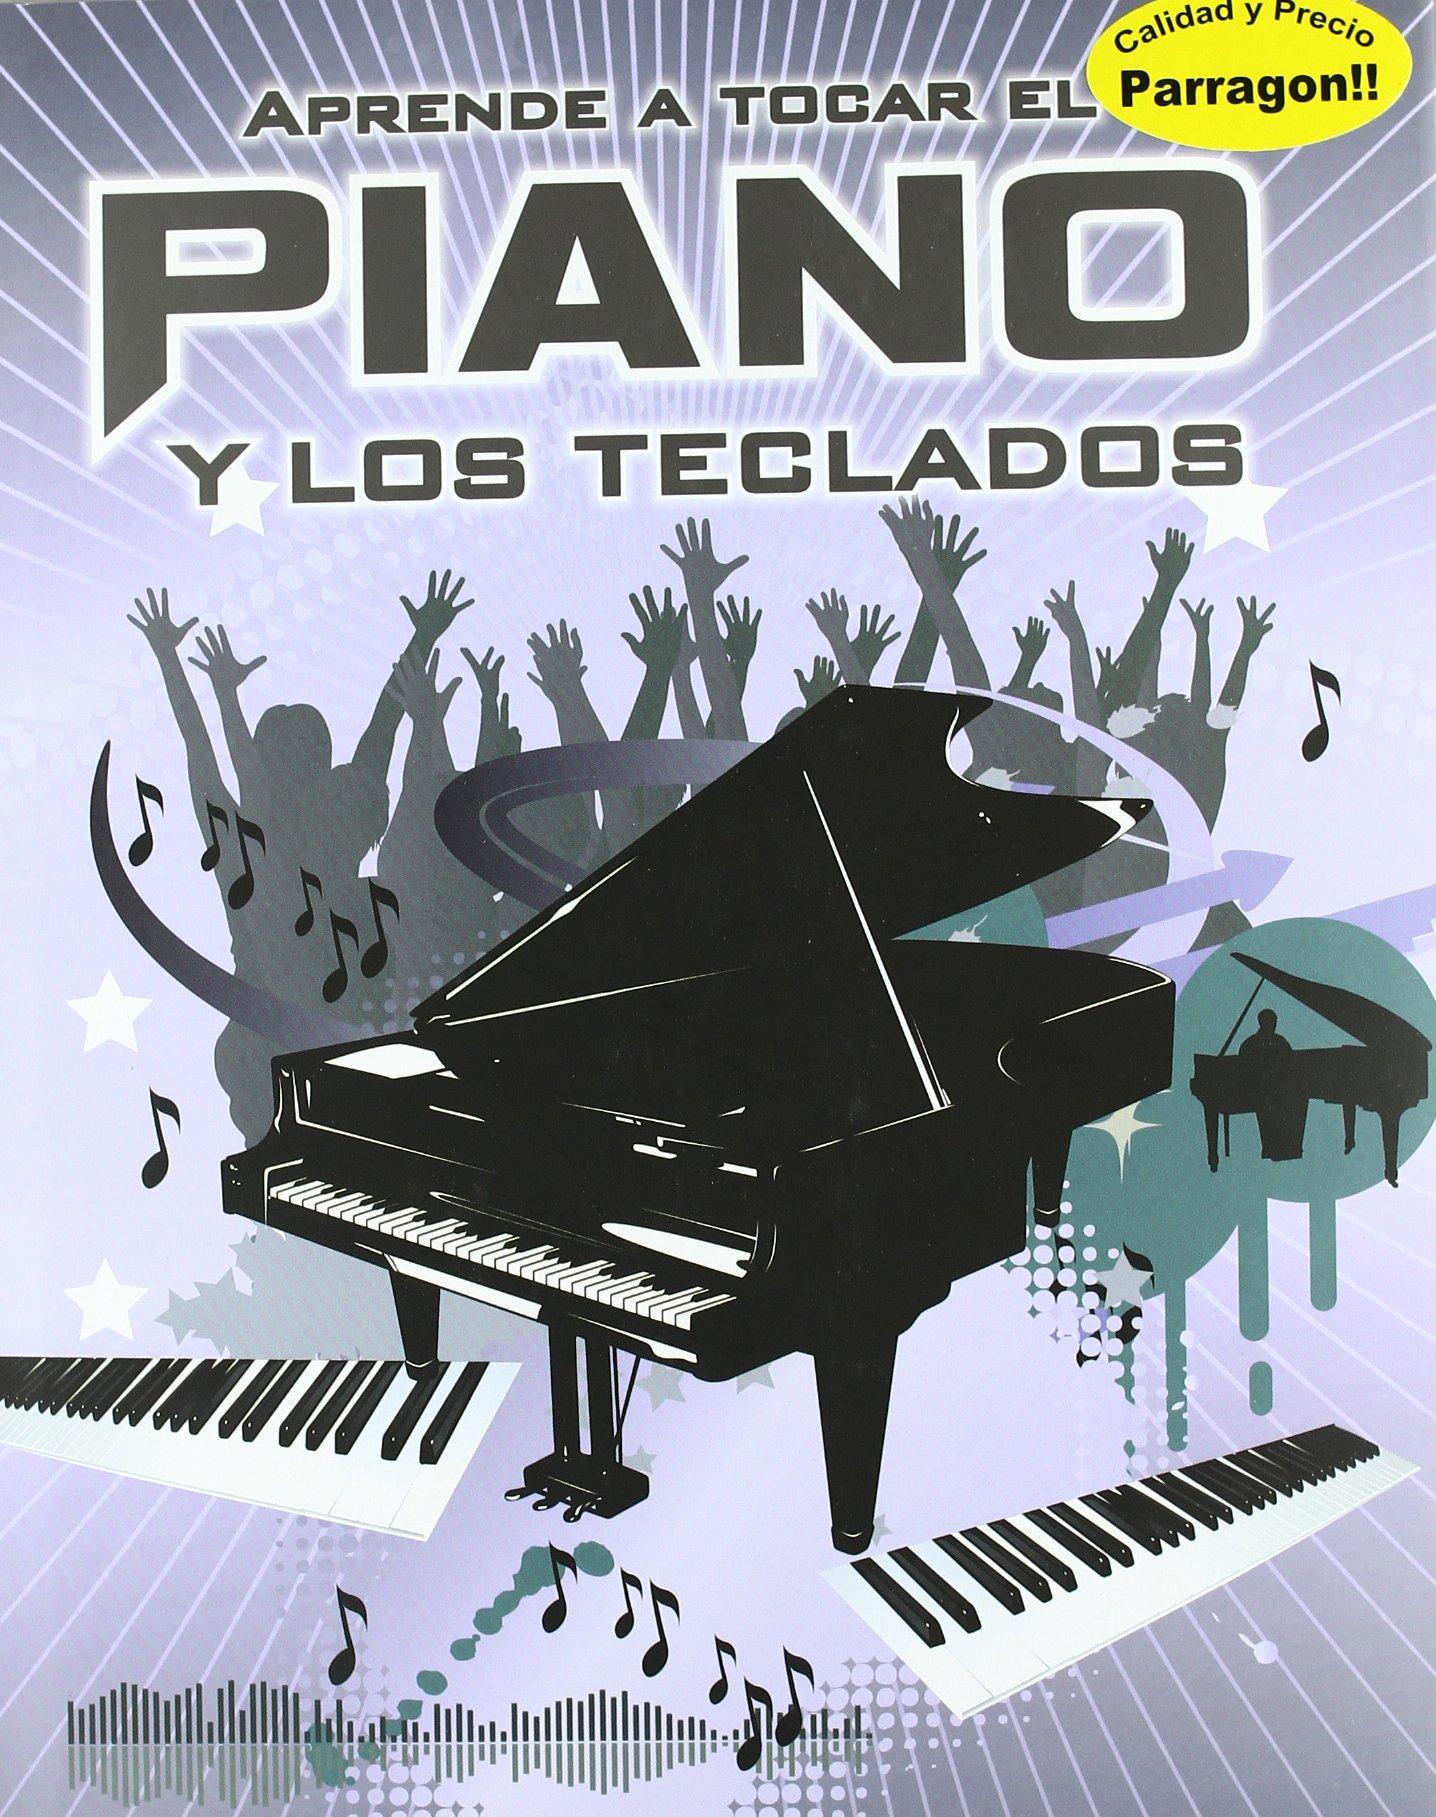 APRENDE A TOCAR EL PIANO Y LOS TECLADOS (Spanish) Paperback